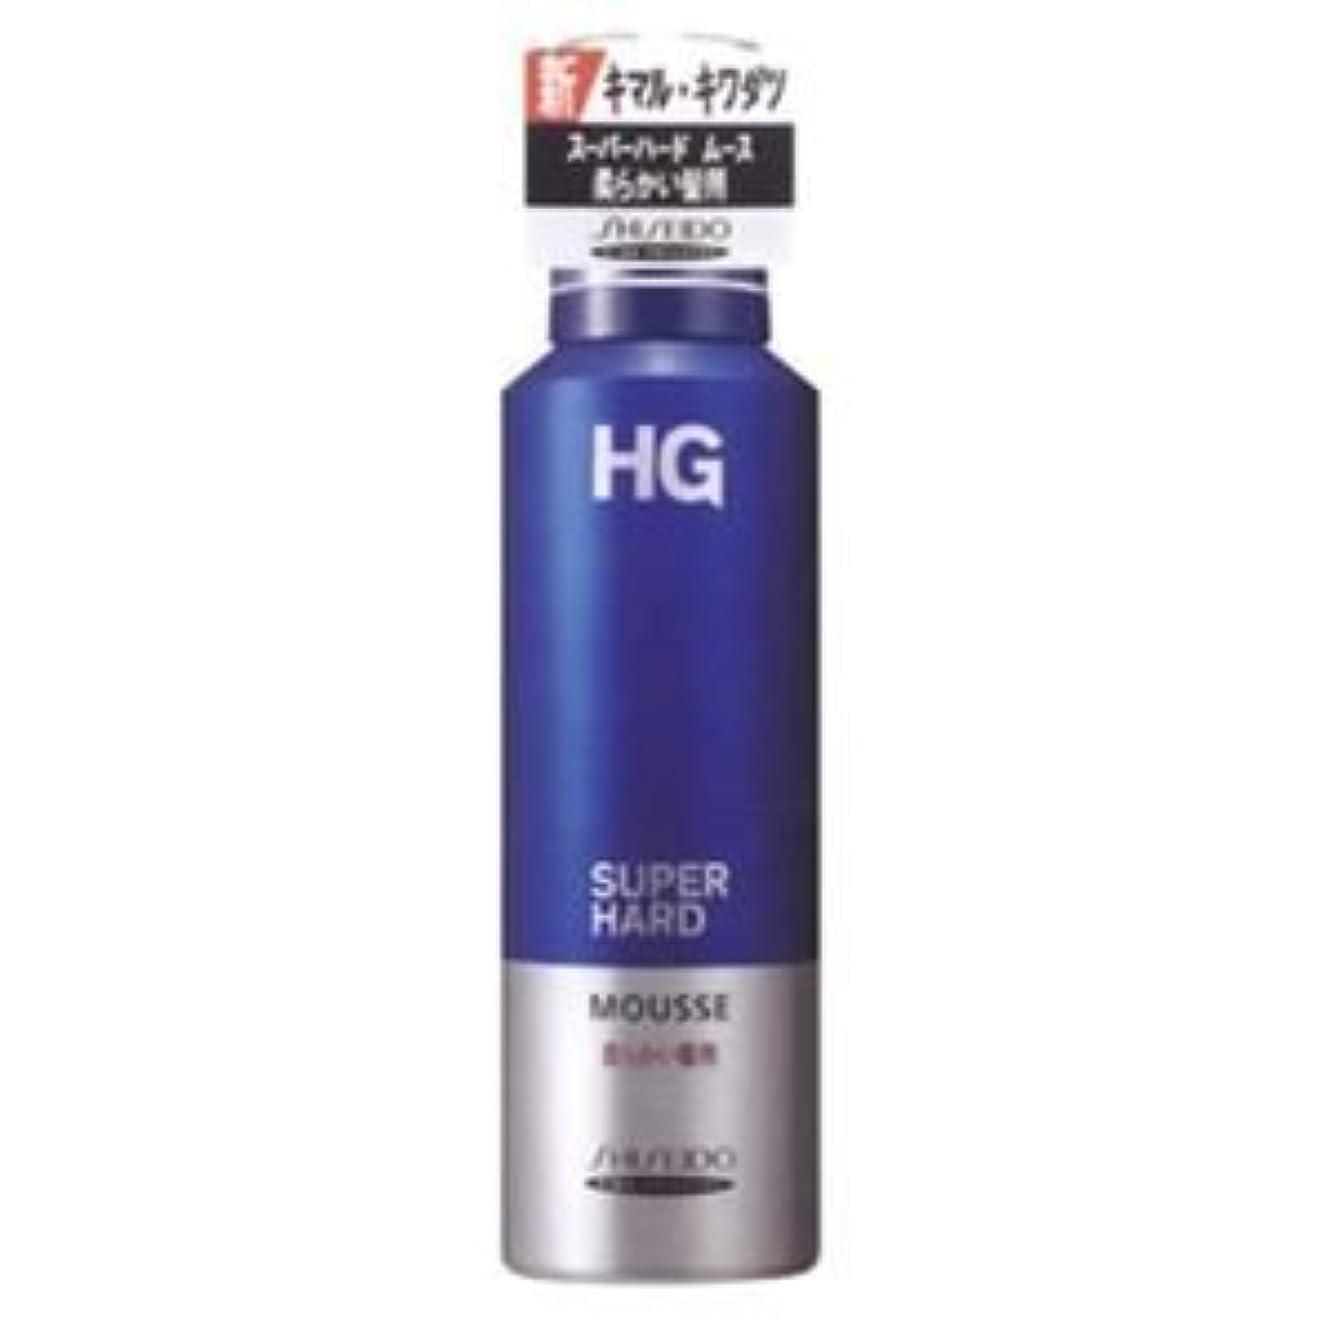 直接限界先のことを考えるHG スーパーハードムース 柔らかい髪用 5セット